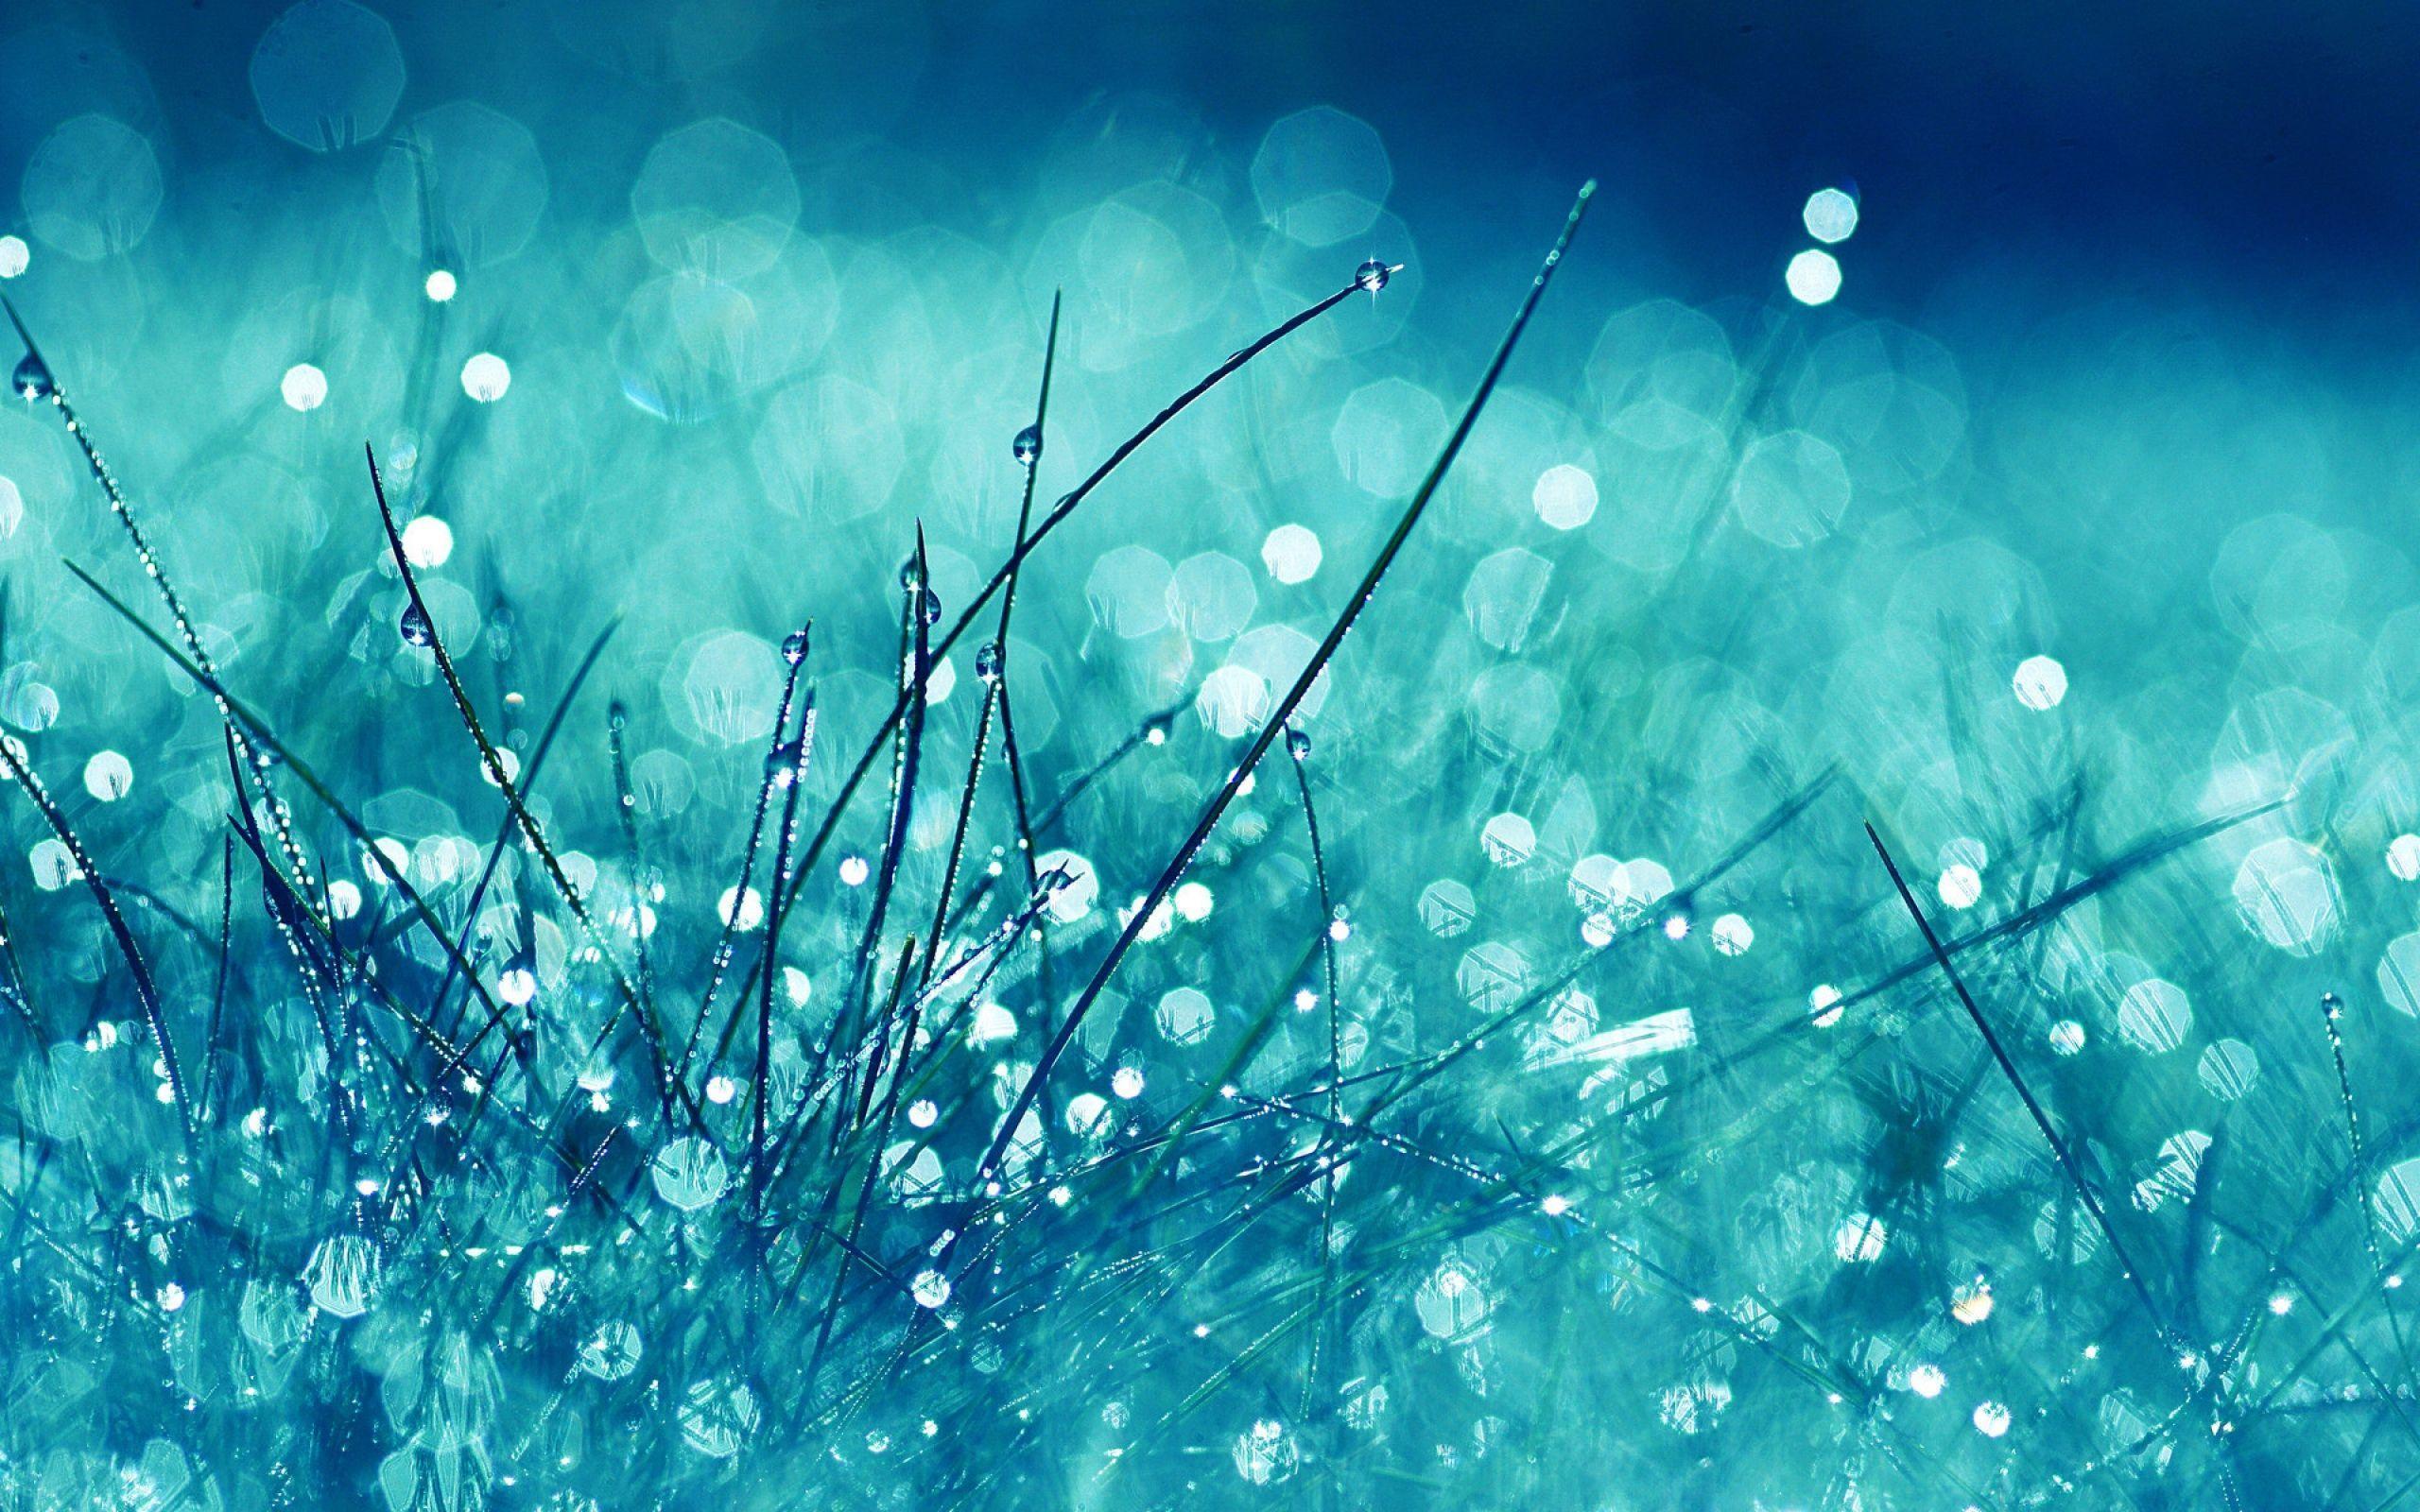 Glitter Wallpaper 12 2560x1600